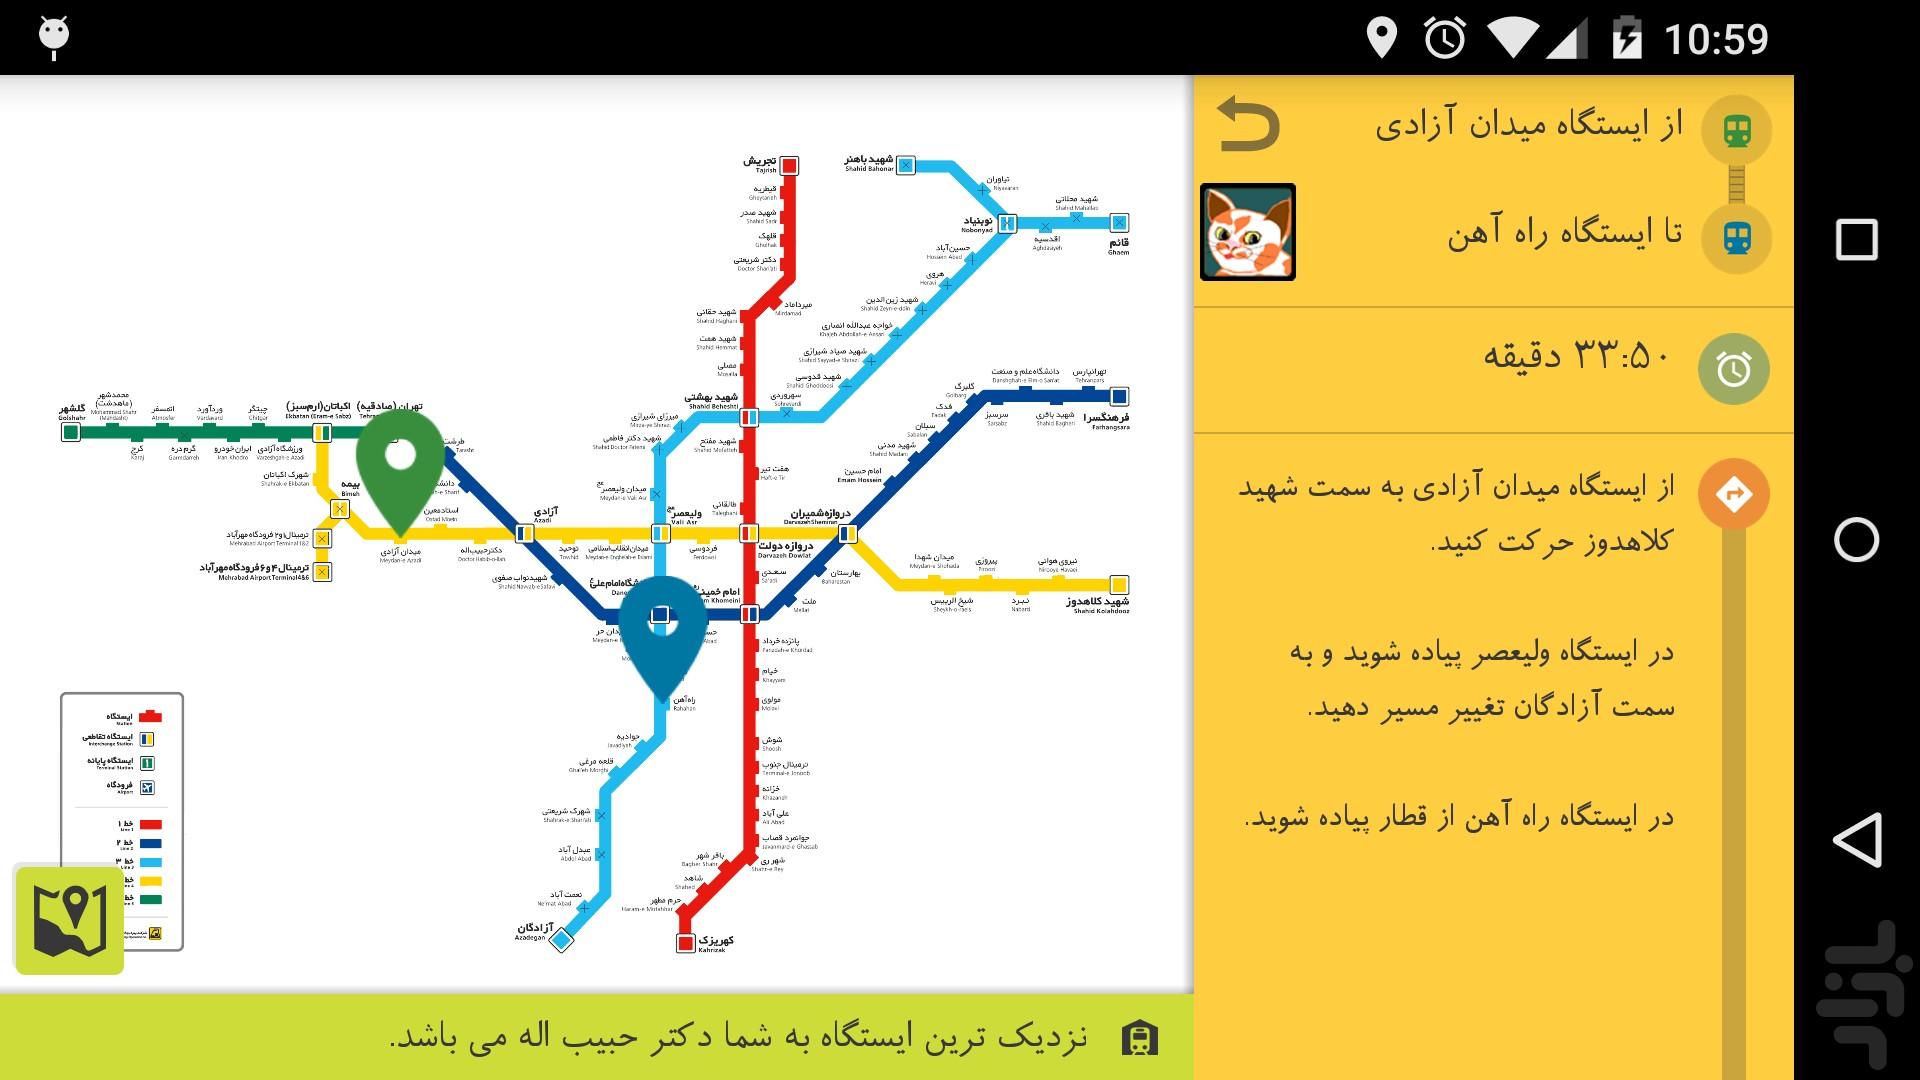 نزدیک ترین مترو به بیمارستان گاندی facebook video downloader